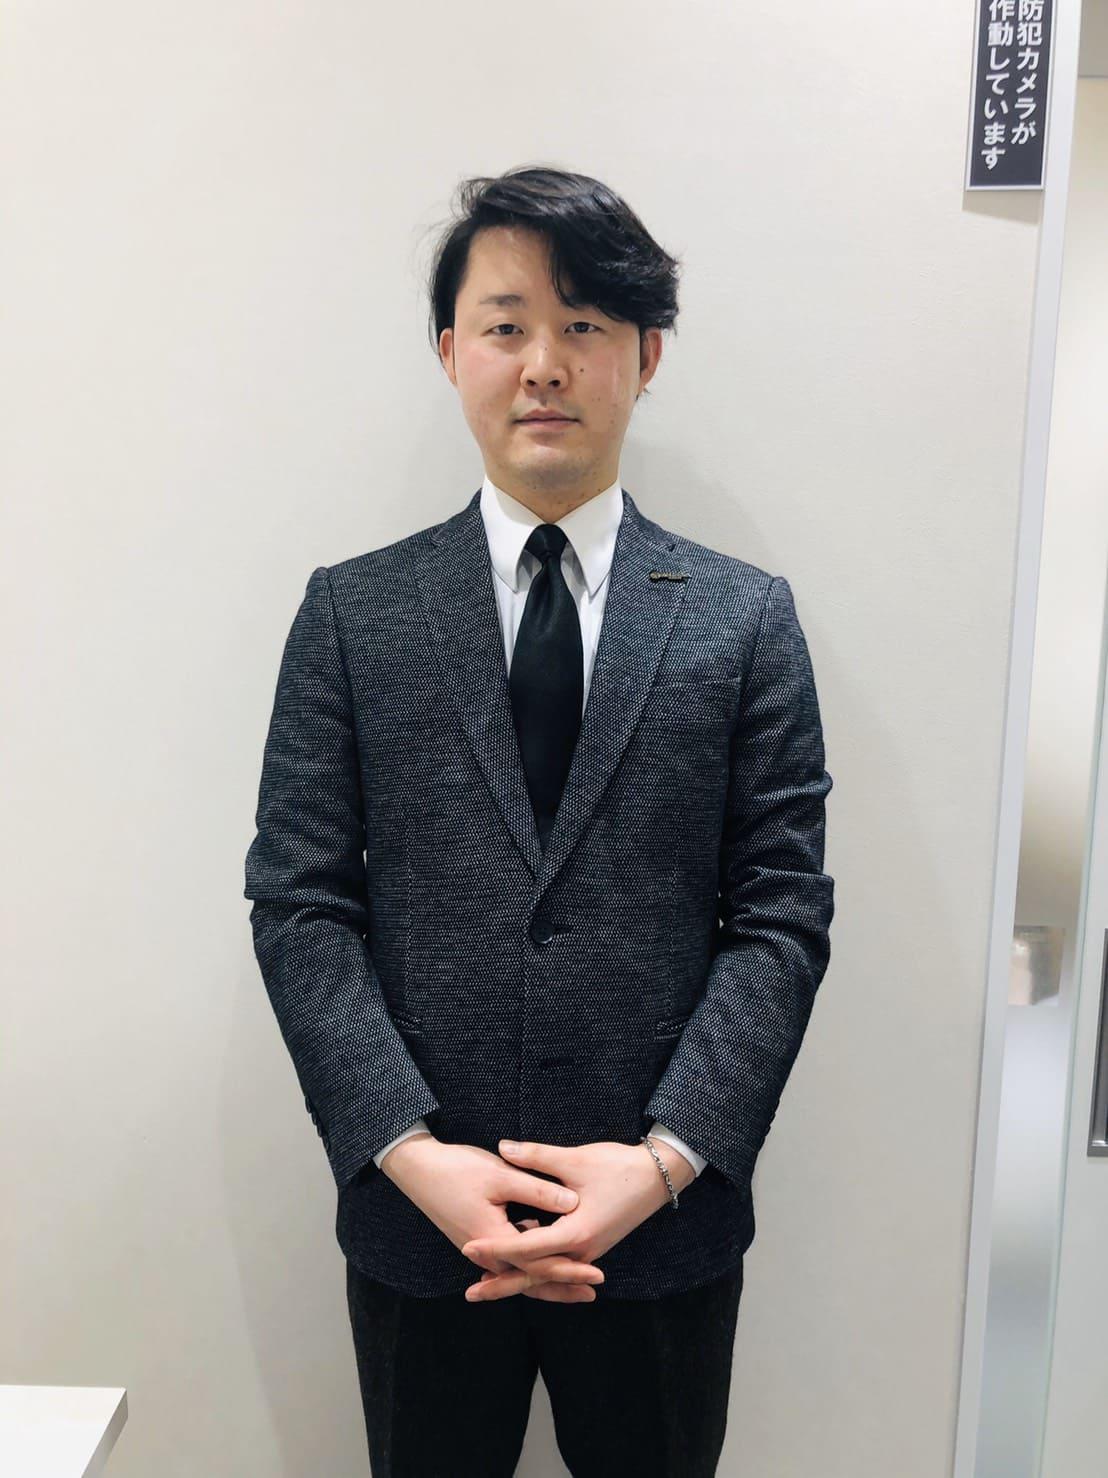 MARUKA 横浜元町ドンキホーテ店 店長